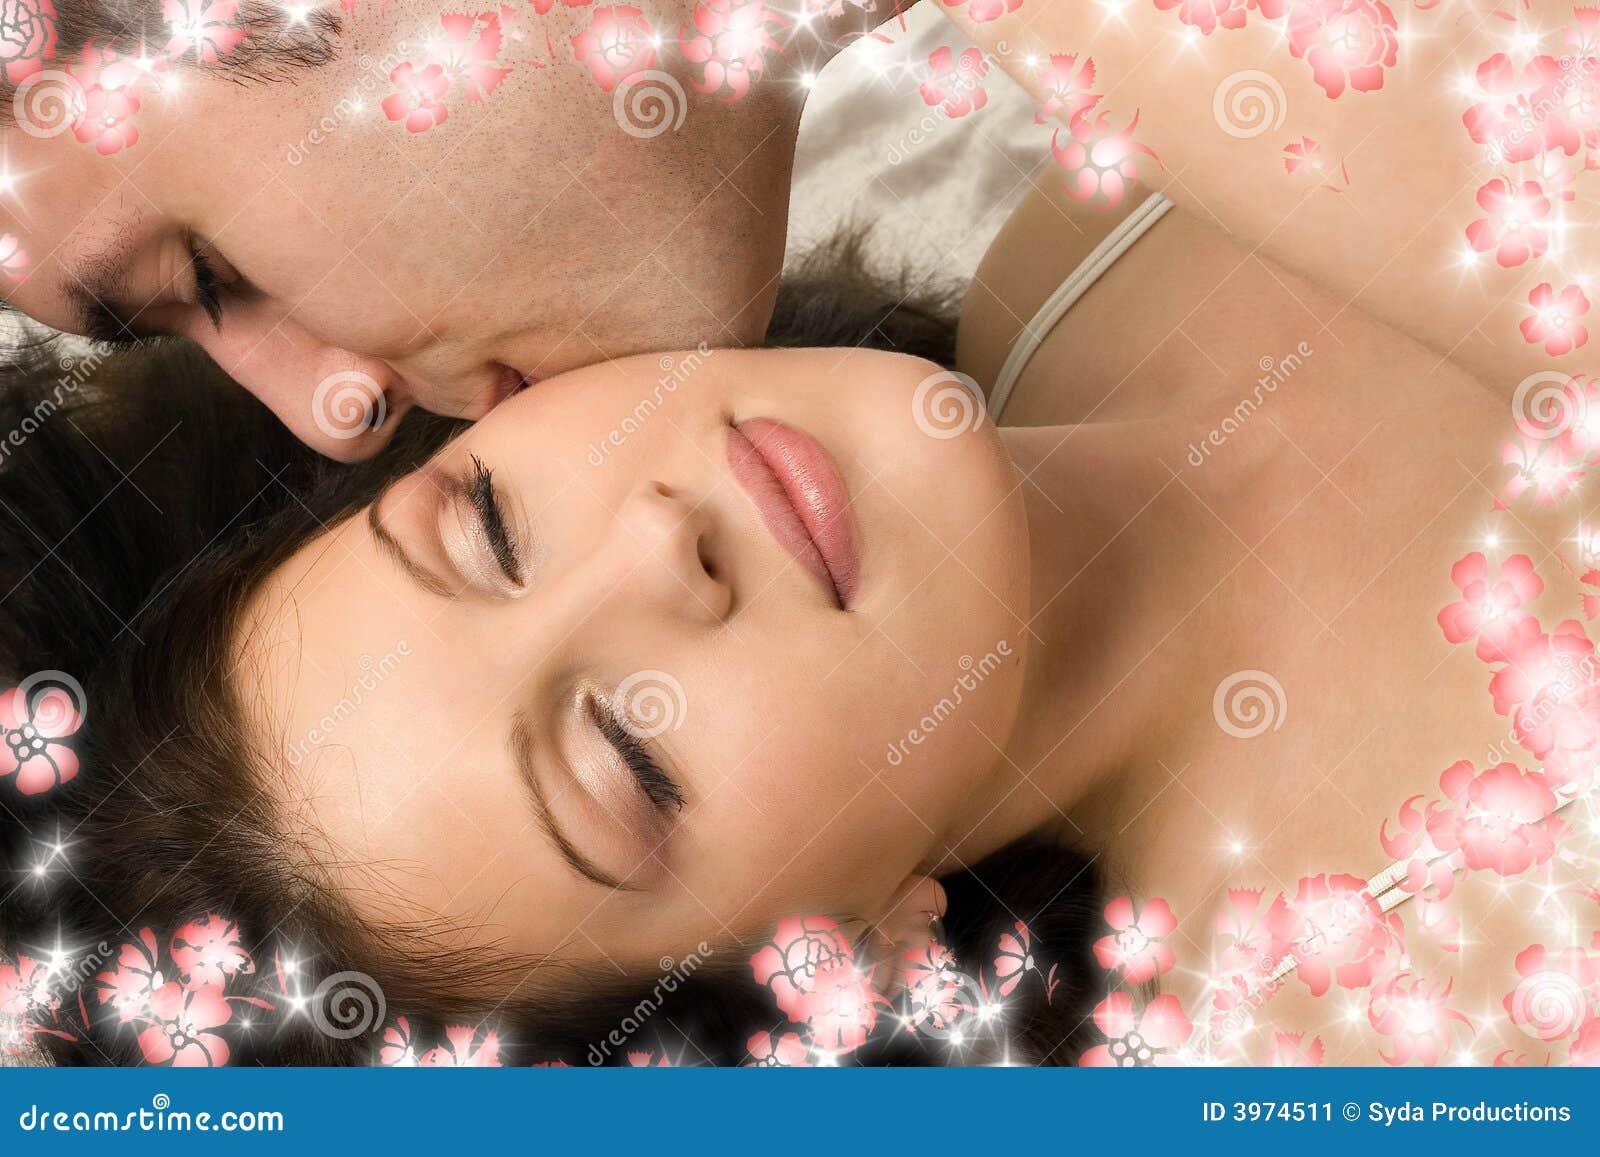 Секс целует грудь, Целует сиськи: порно видео онлайн, смотреть порно на 19 фотография